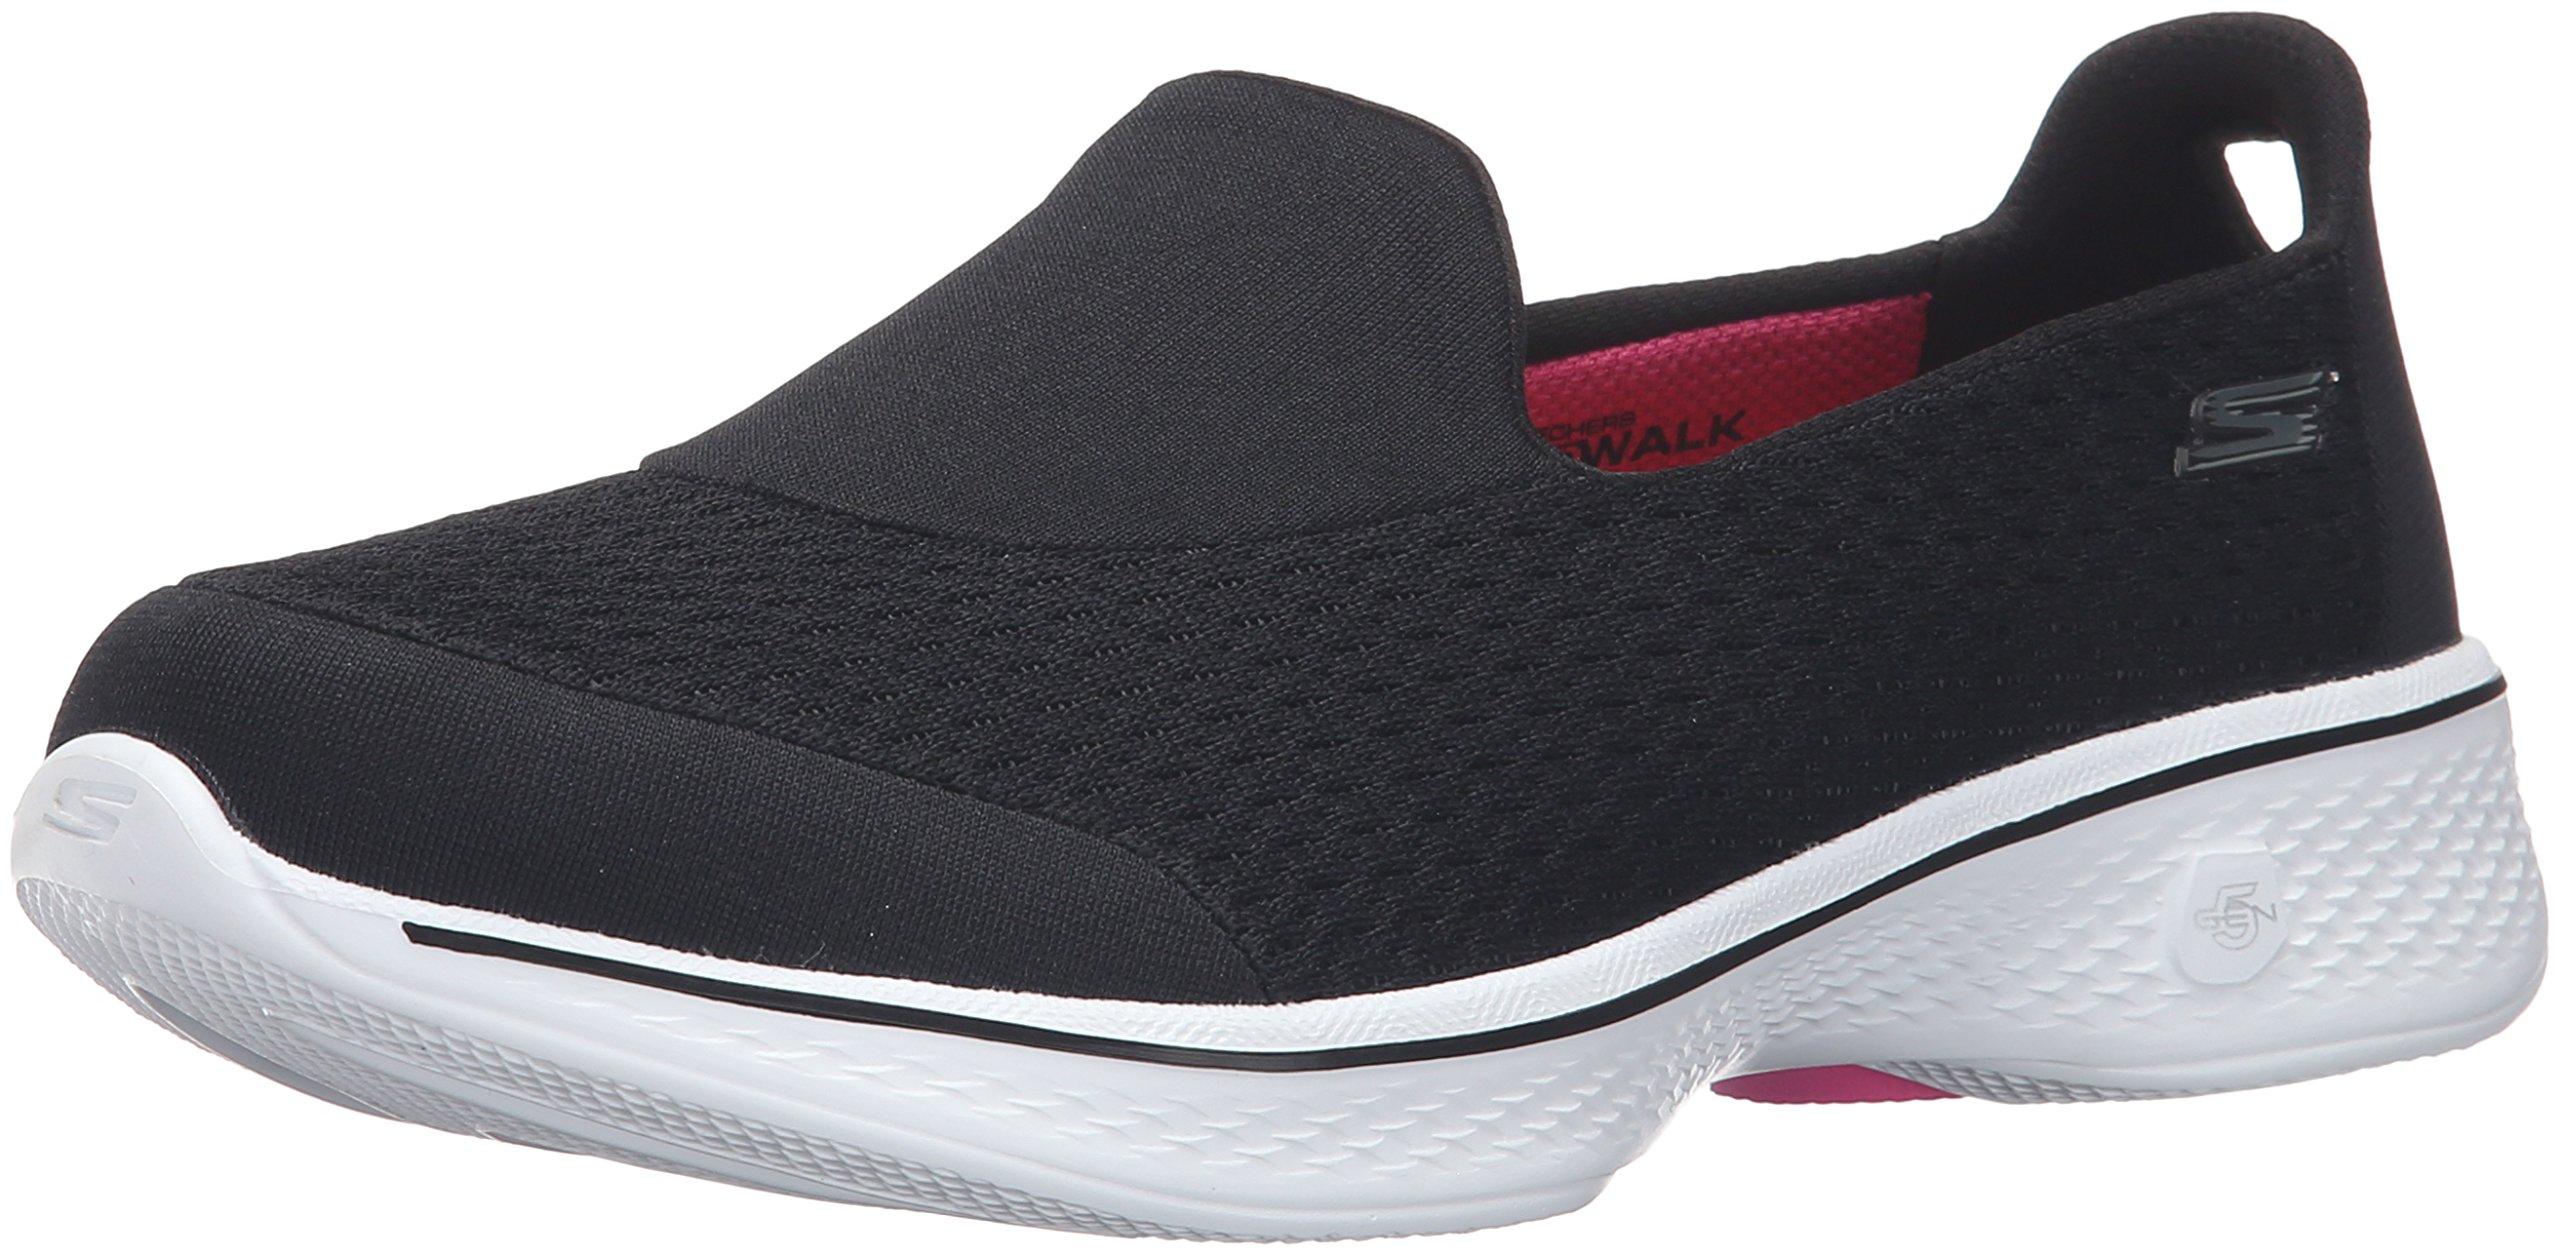 Skechers 14148BKW Women's GOWALK 4 PURSUIT Casual Shoes by Skechers